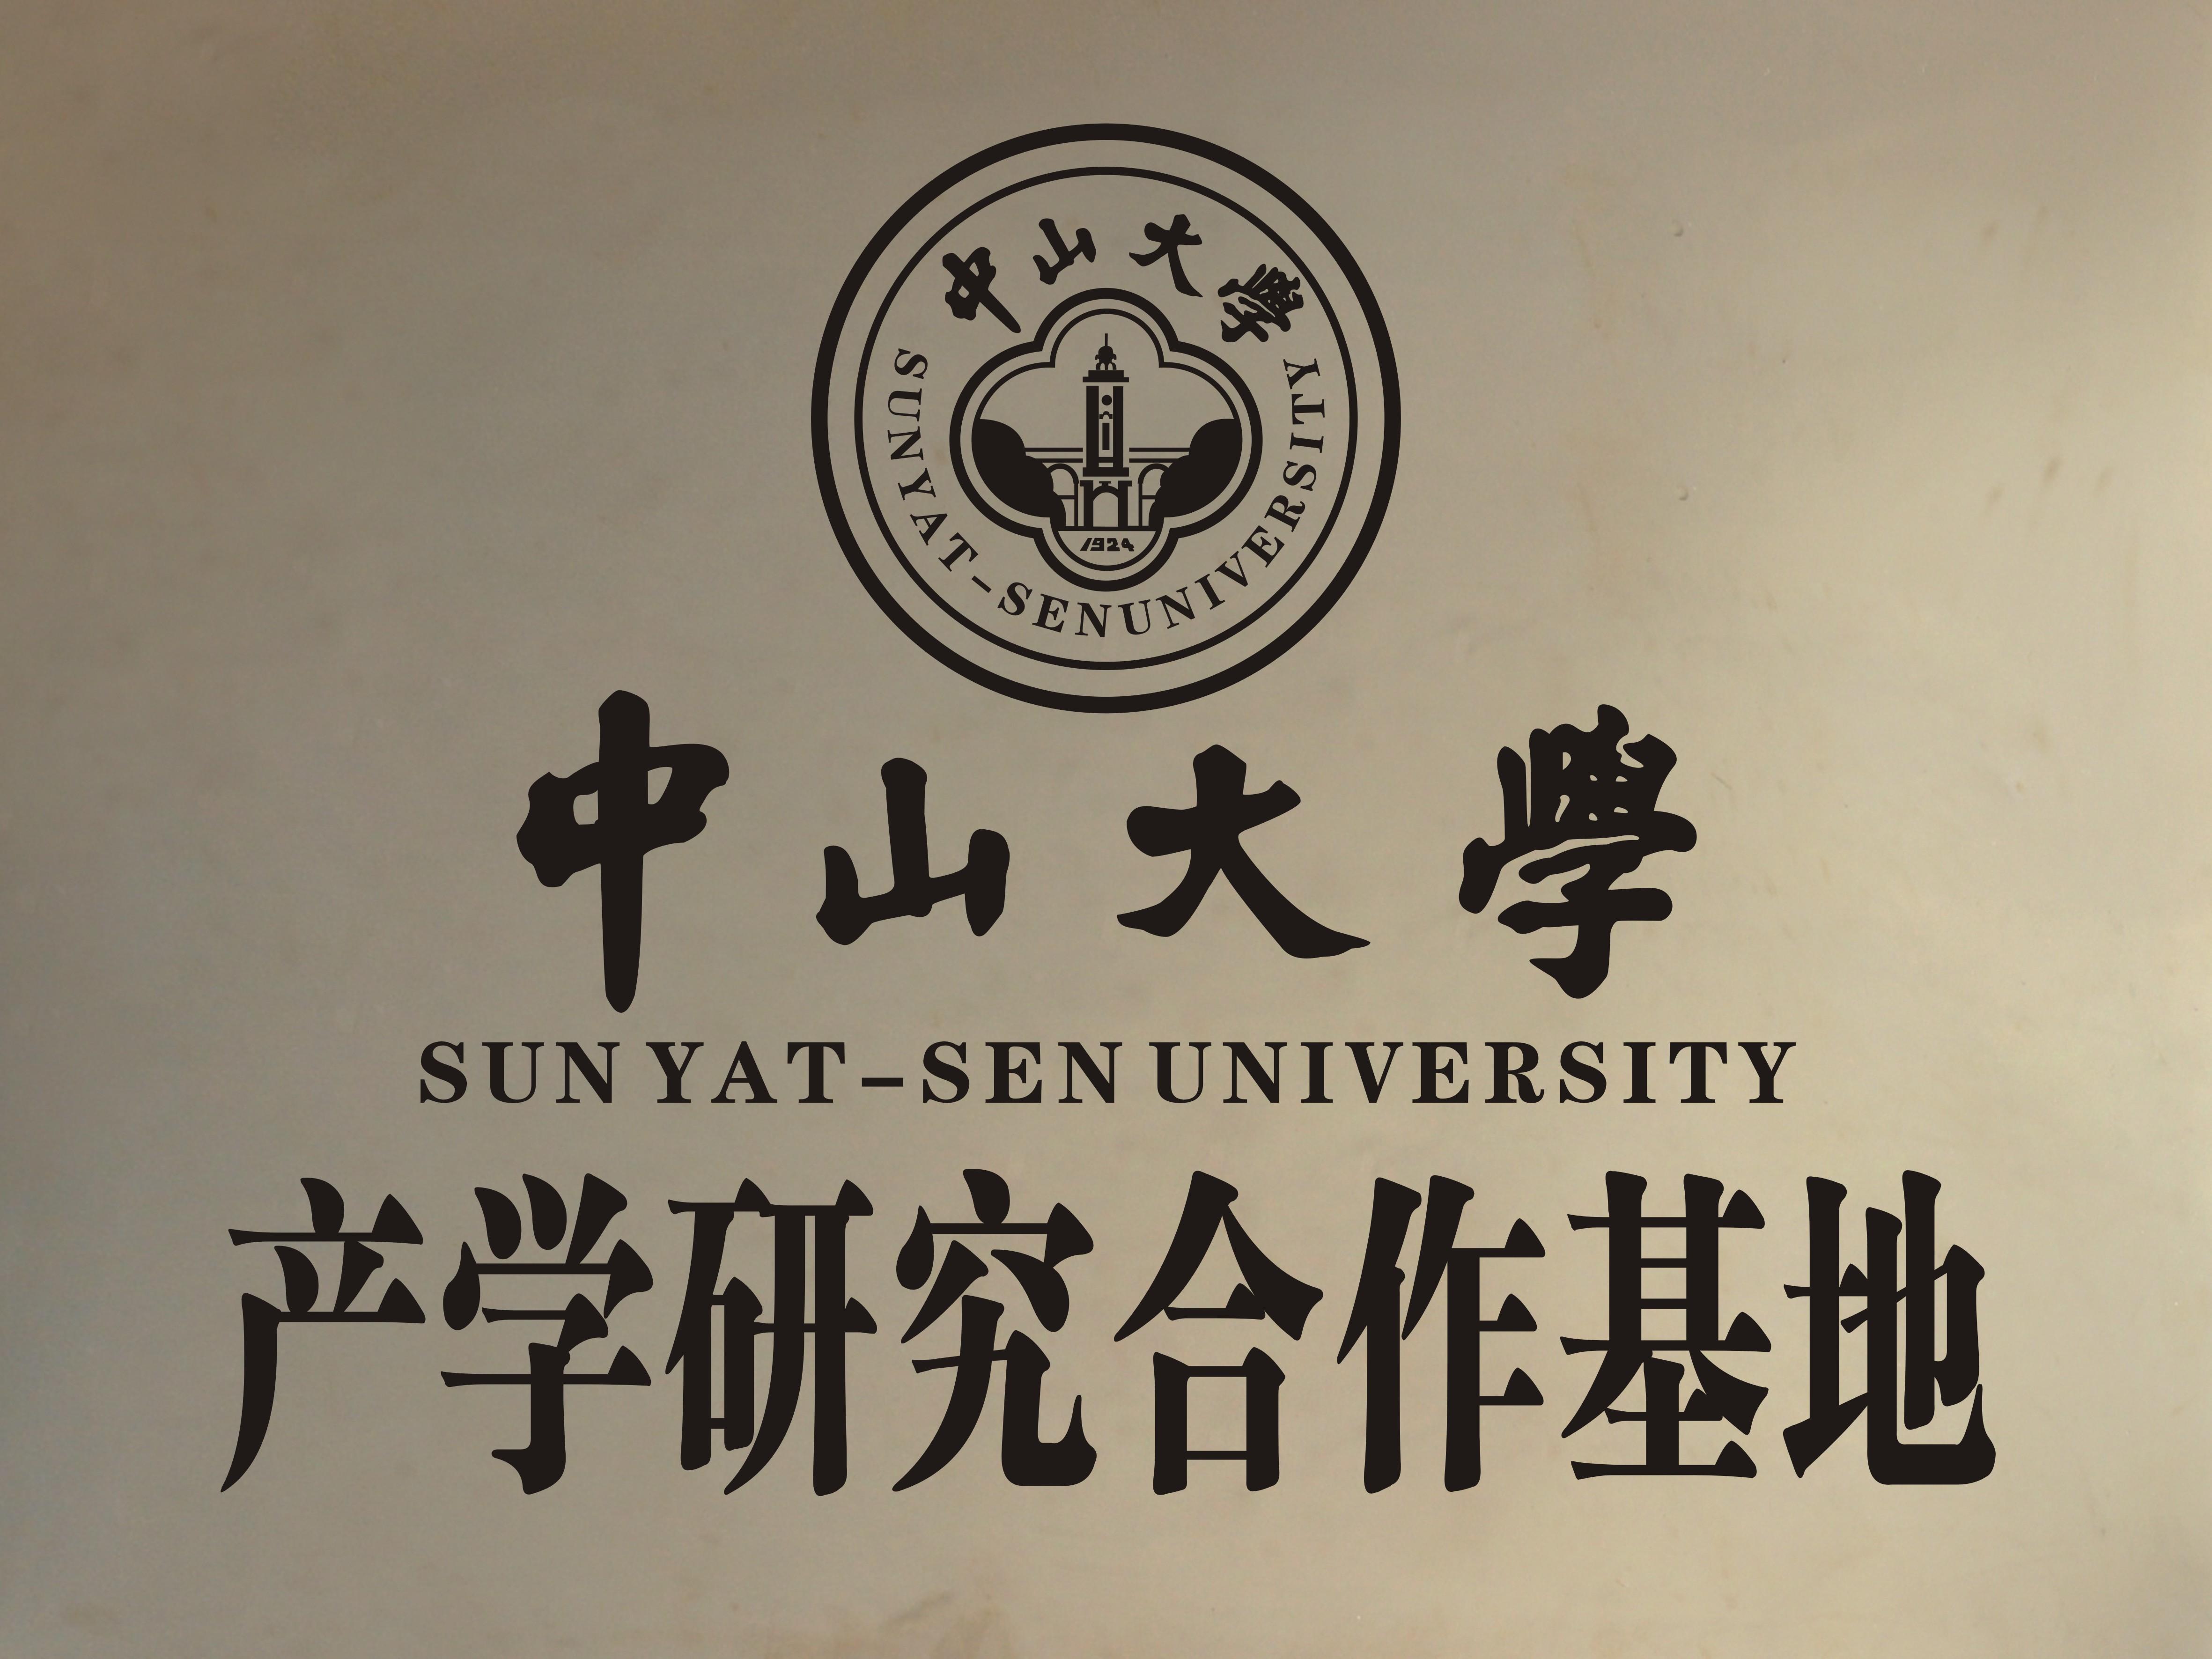 中山產學研究合作基地